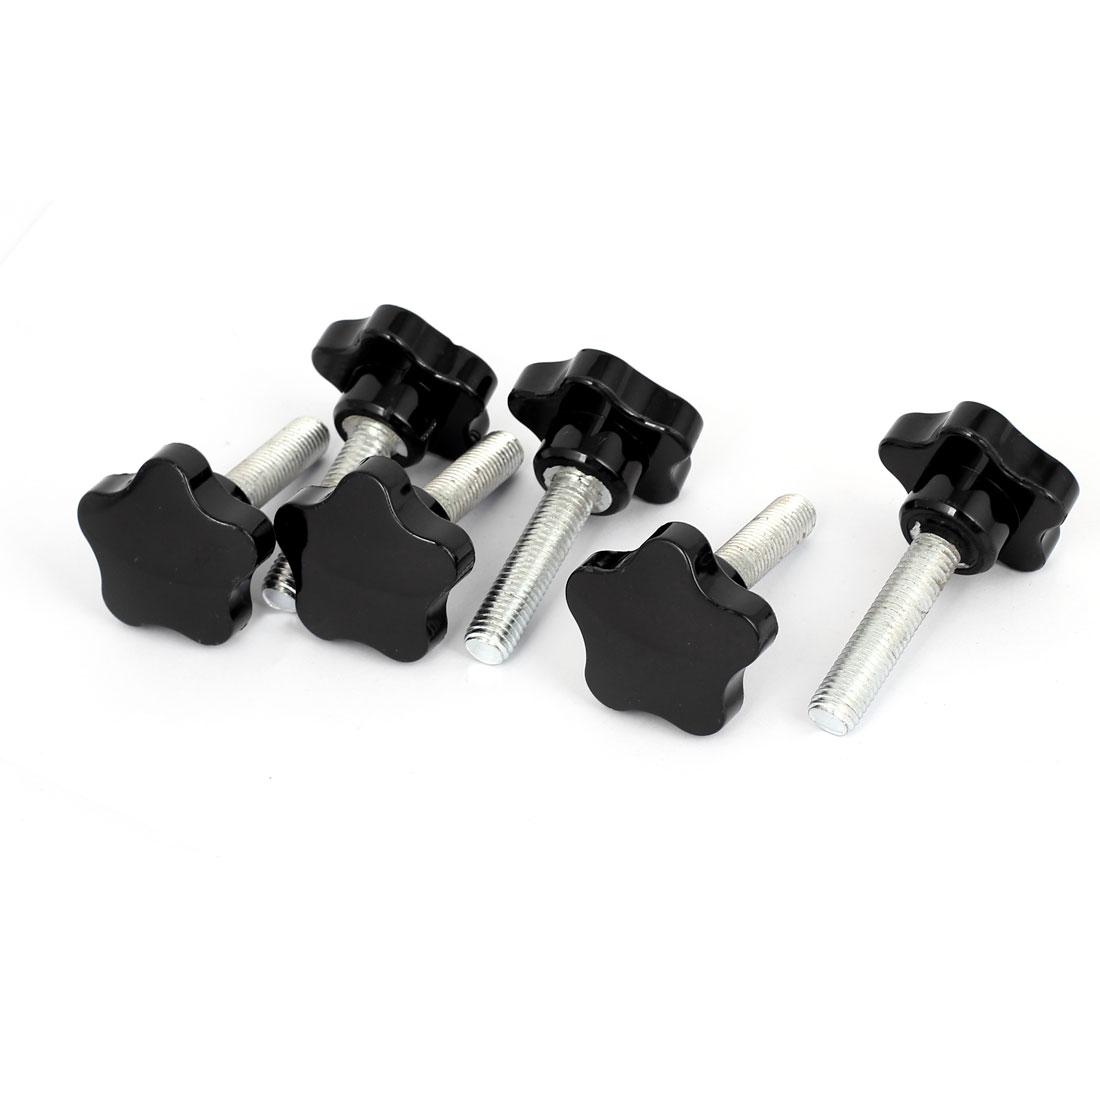 50mm Plastic Star Head M12x50mm Male Thread Screw on Clamping Knob Grips 6pcs